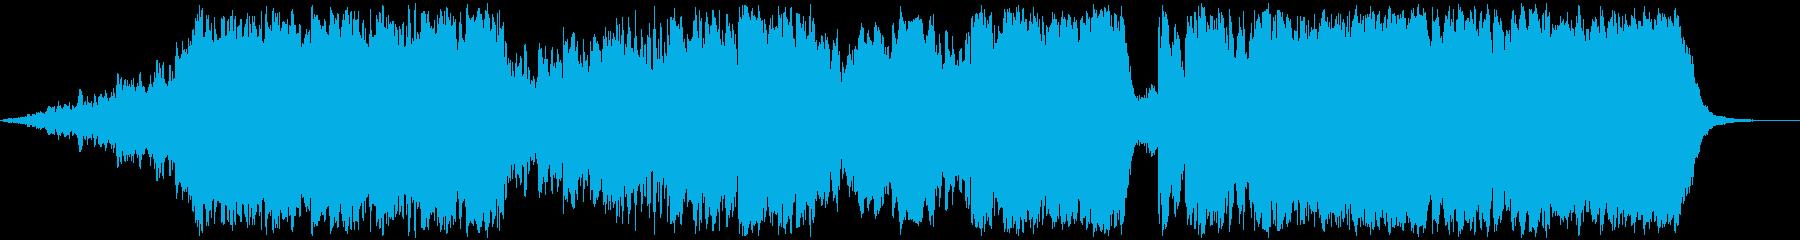 破壊シーンの音楽の再生済みの波形